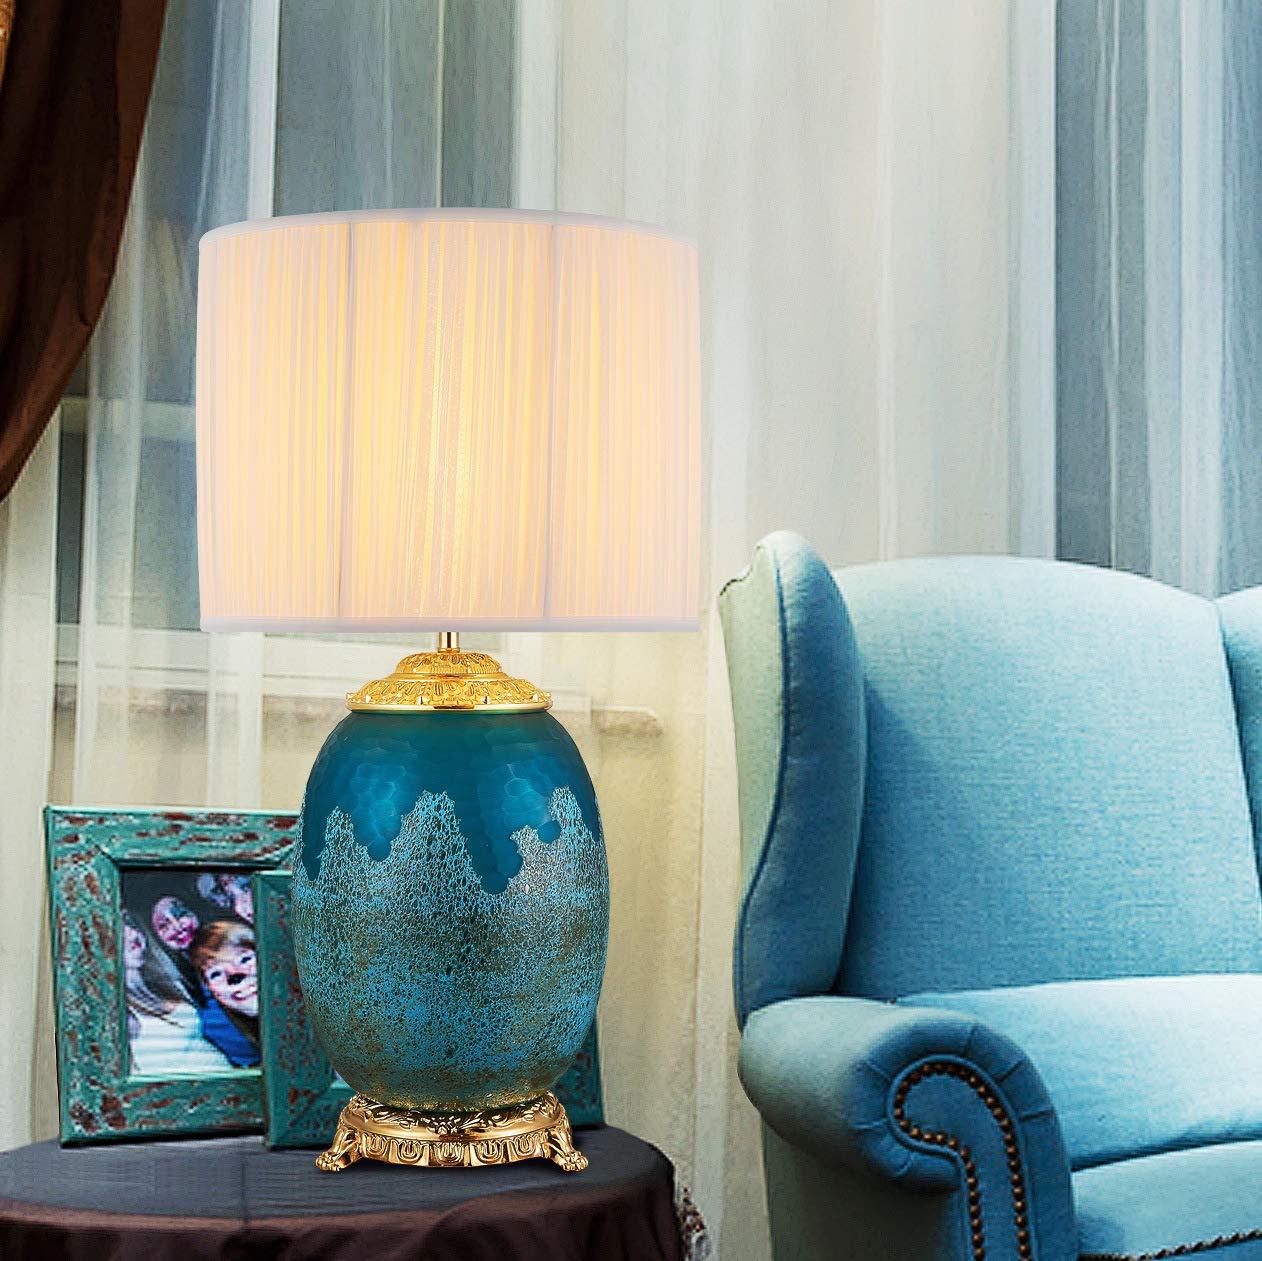 JINSH Home Glastischlampe Hotel Hotel Hotel Schlafzimmer Nachttisch Wohnzimmer Französisch Lampen B07JLLQL6P | Deutschland Online Shop  b9b798